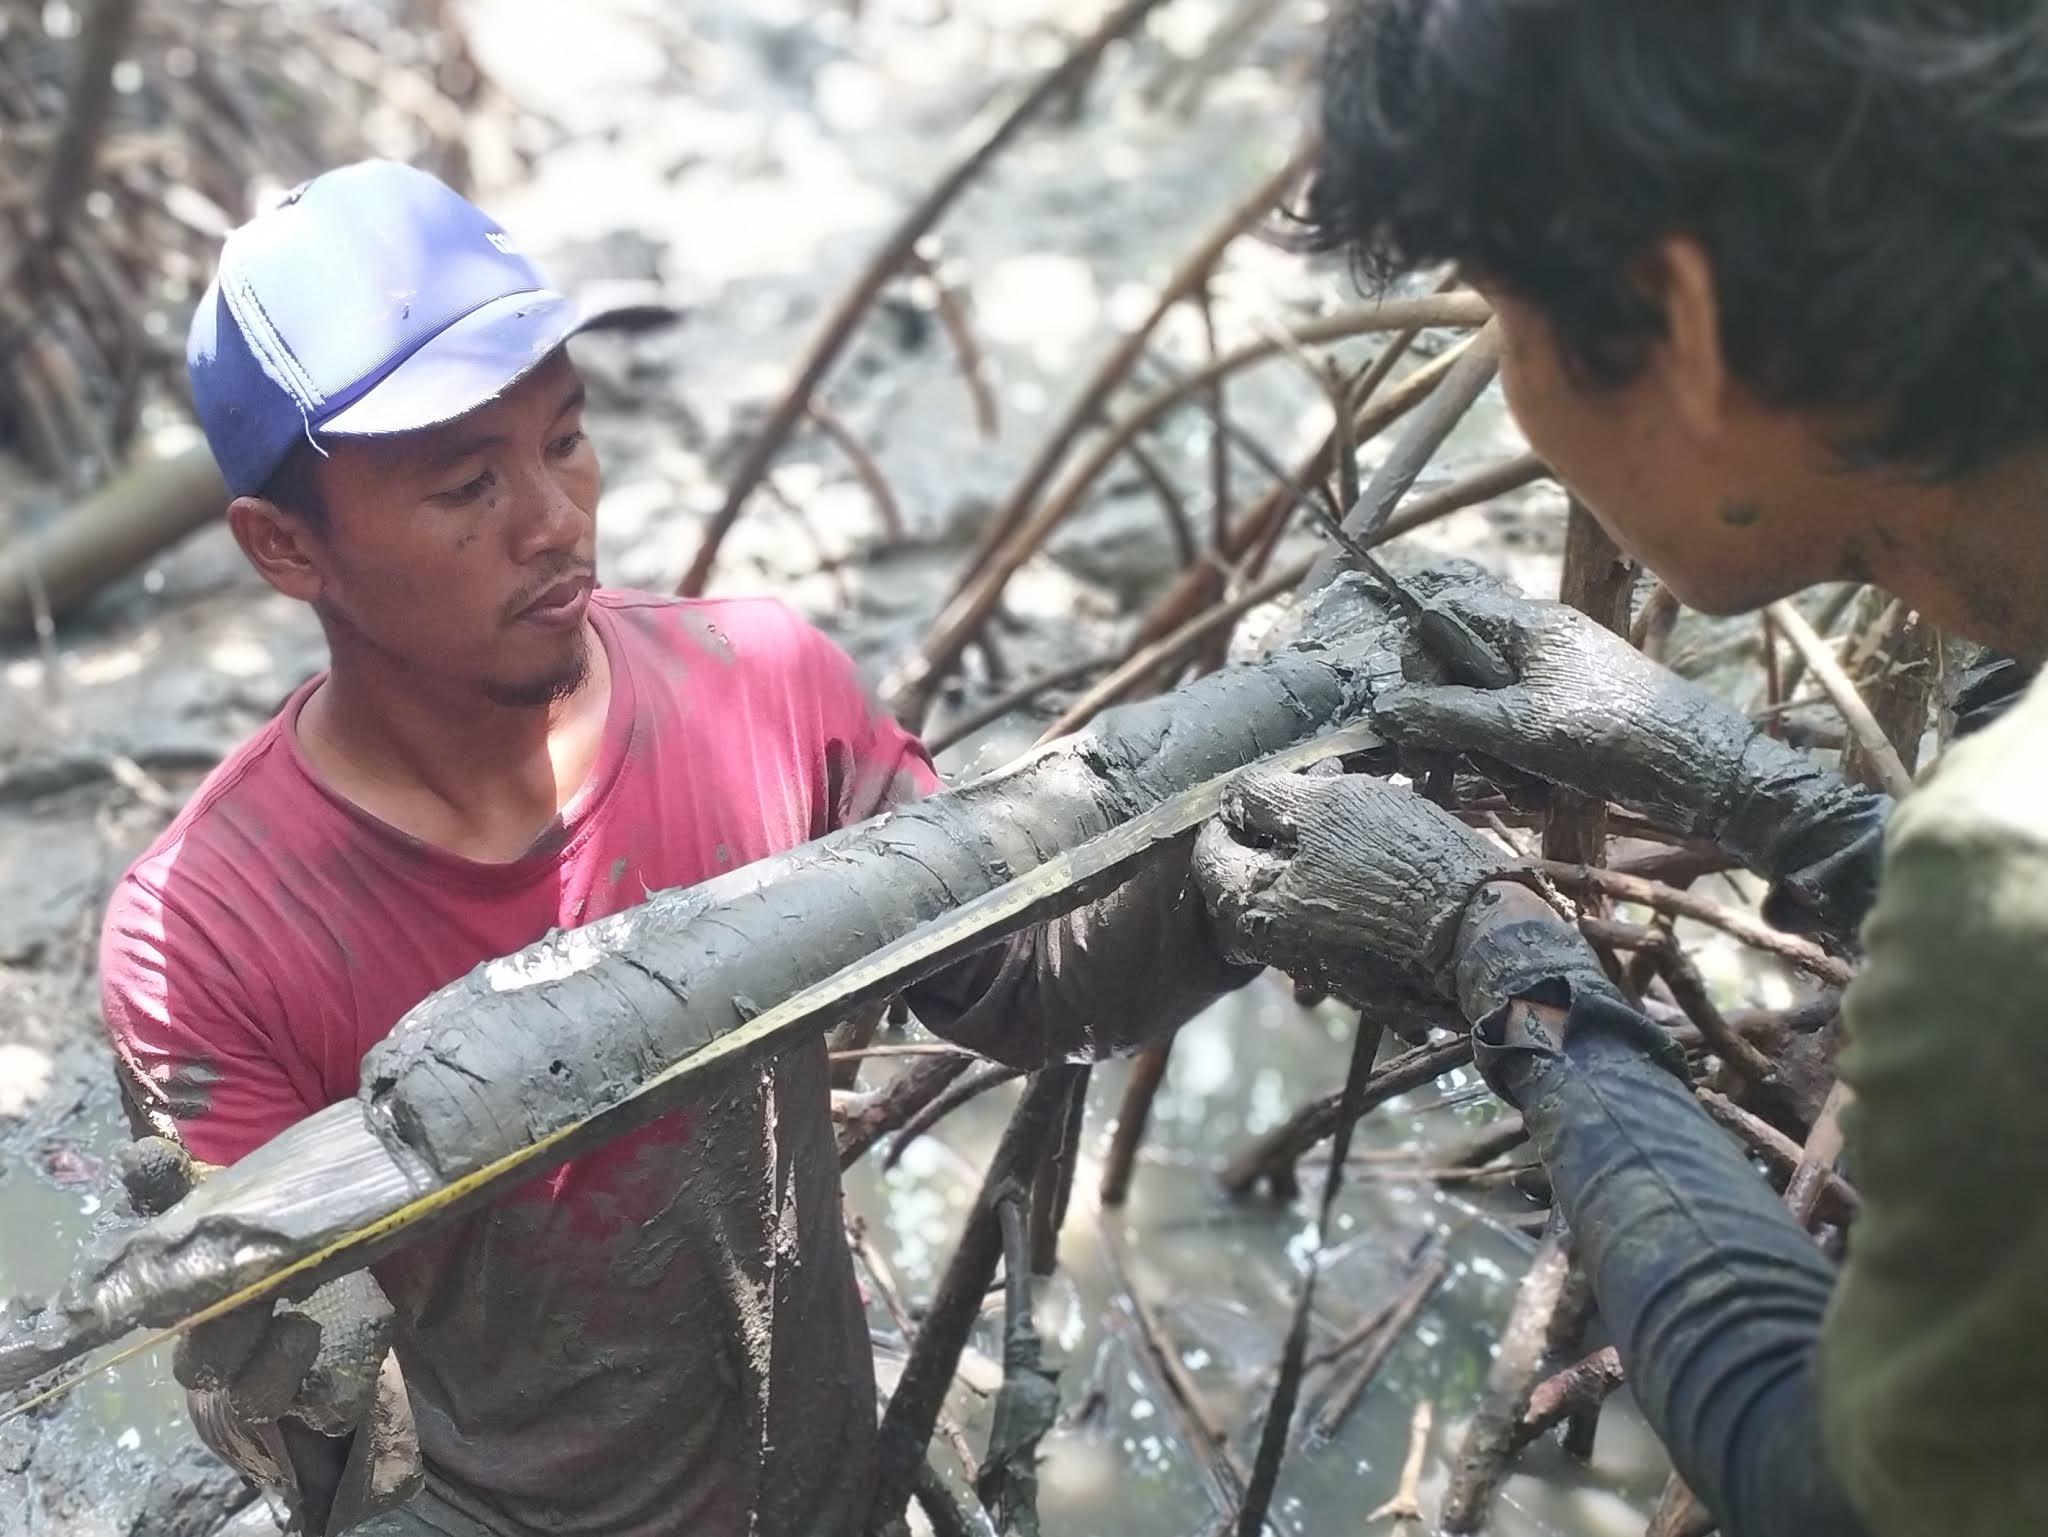 IKAMaT Kerjakan Proyek Riset Karbon Mangrove di Brebes